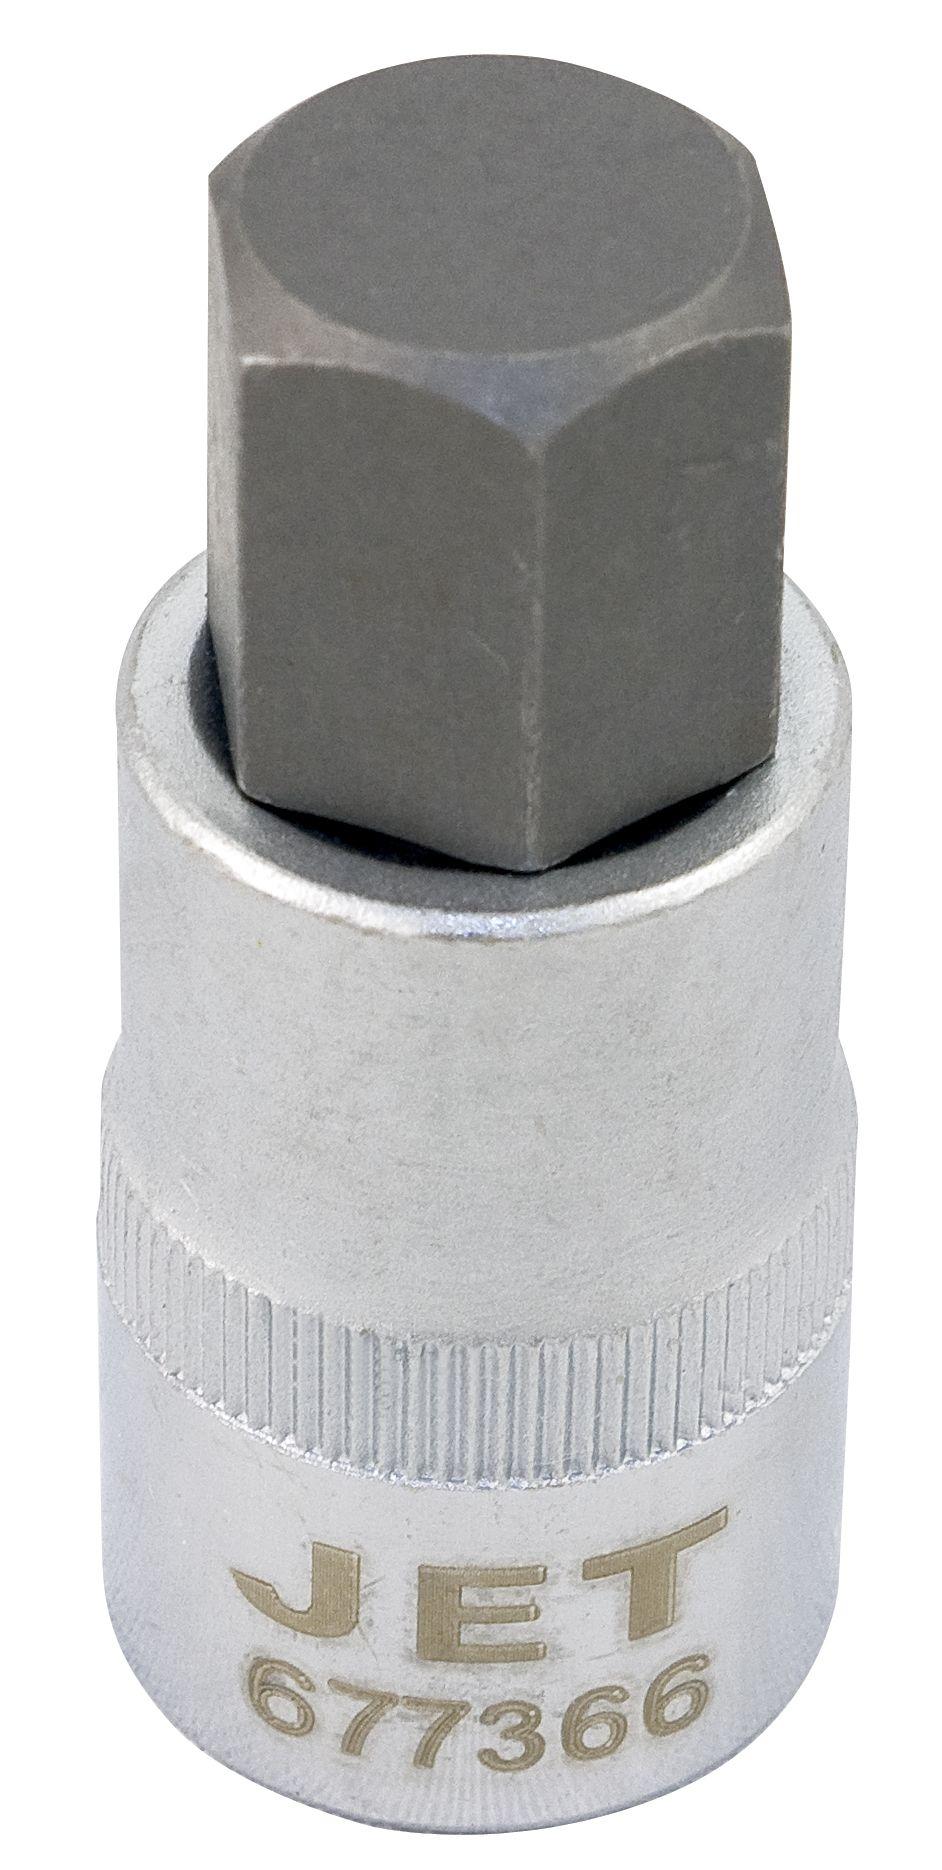 Jet 677364 Douille hexagonale 14mm à prise 1/2